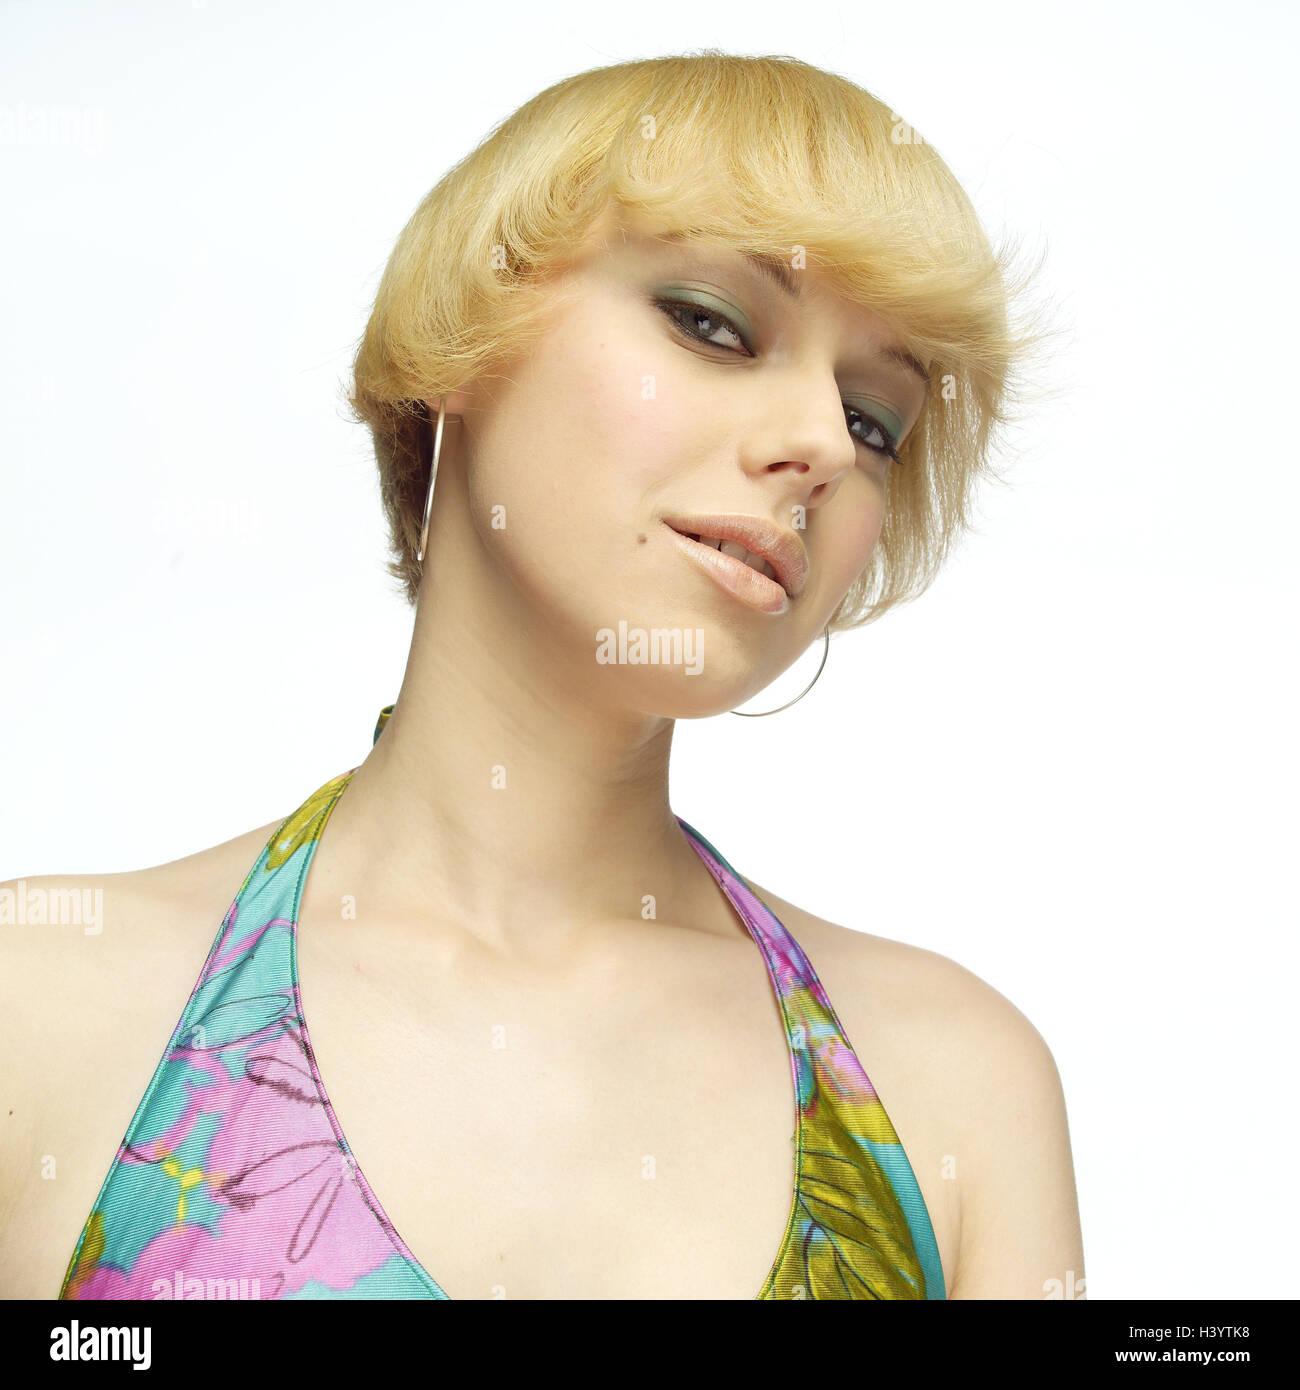 Frau Jung Blond Gesichts Spielen Abschirmenden Verlockend